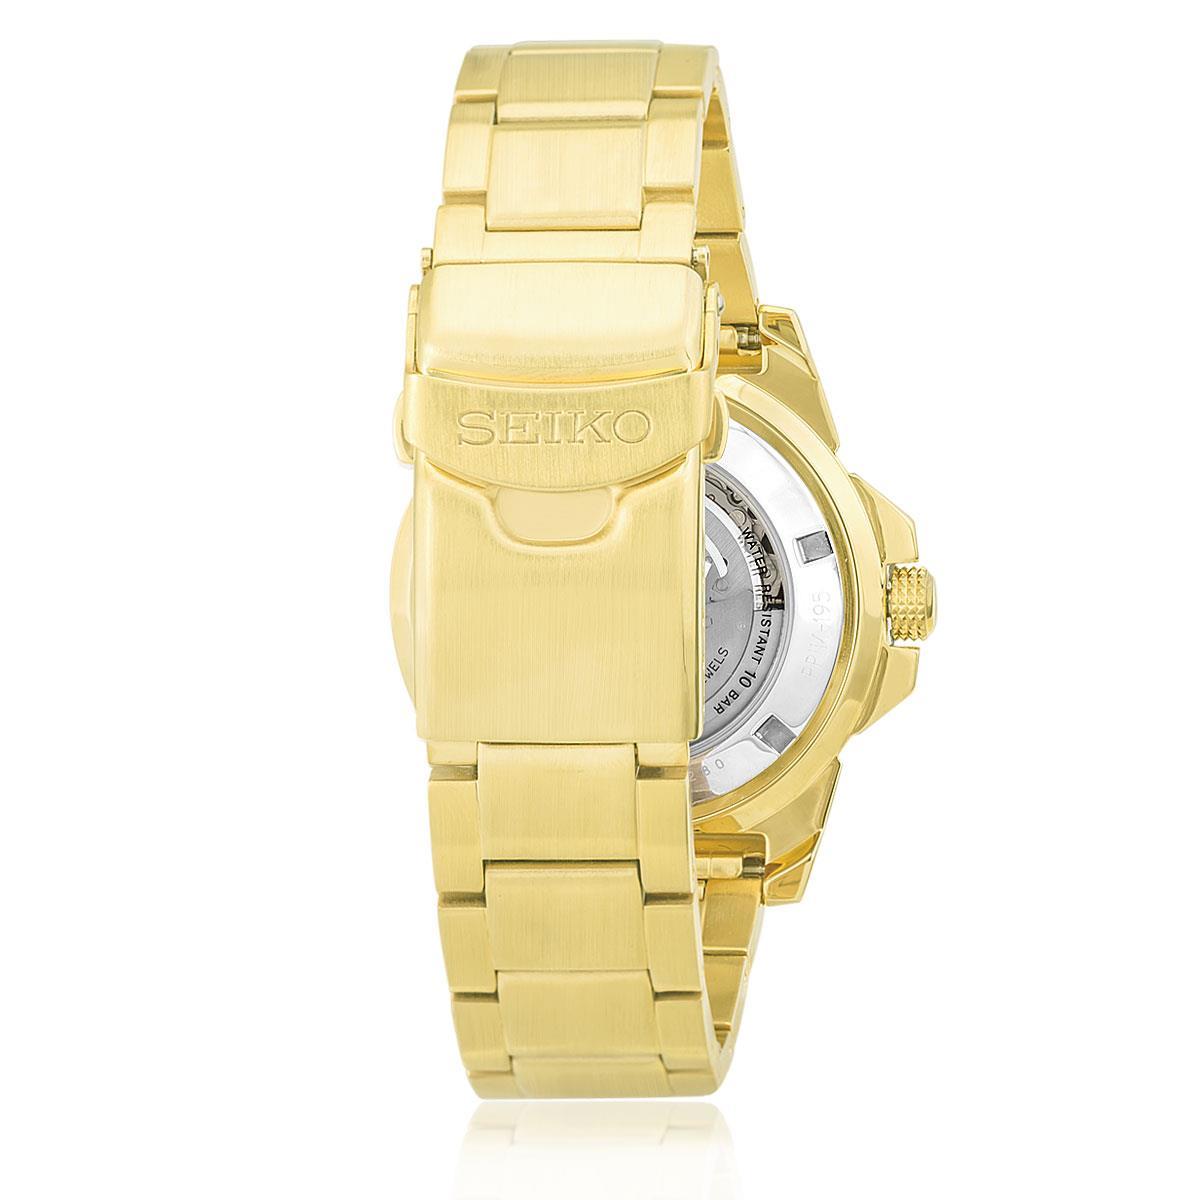 f2974a0c483 Relógio Masculino Seiko 5 Sport Analógico SRP690B1 P2KX Automático com  pulseira dourada